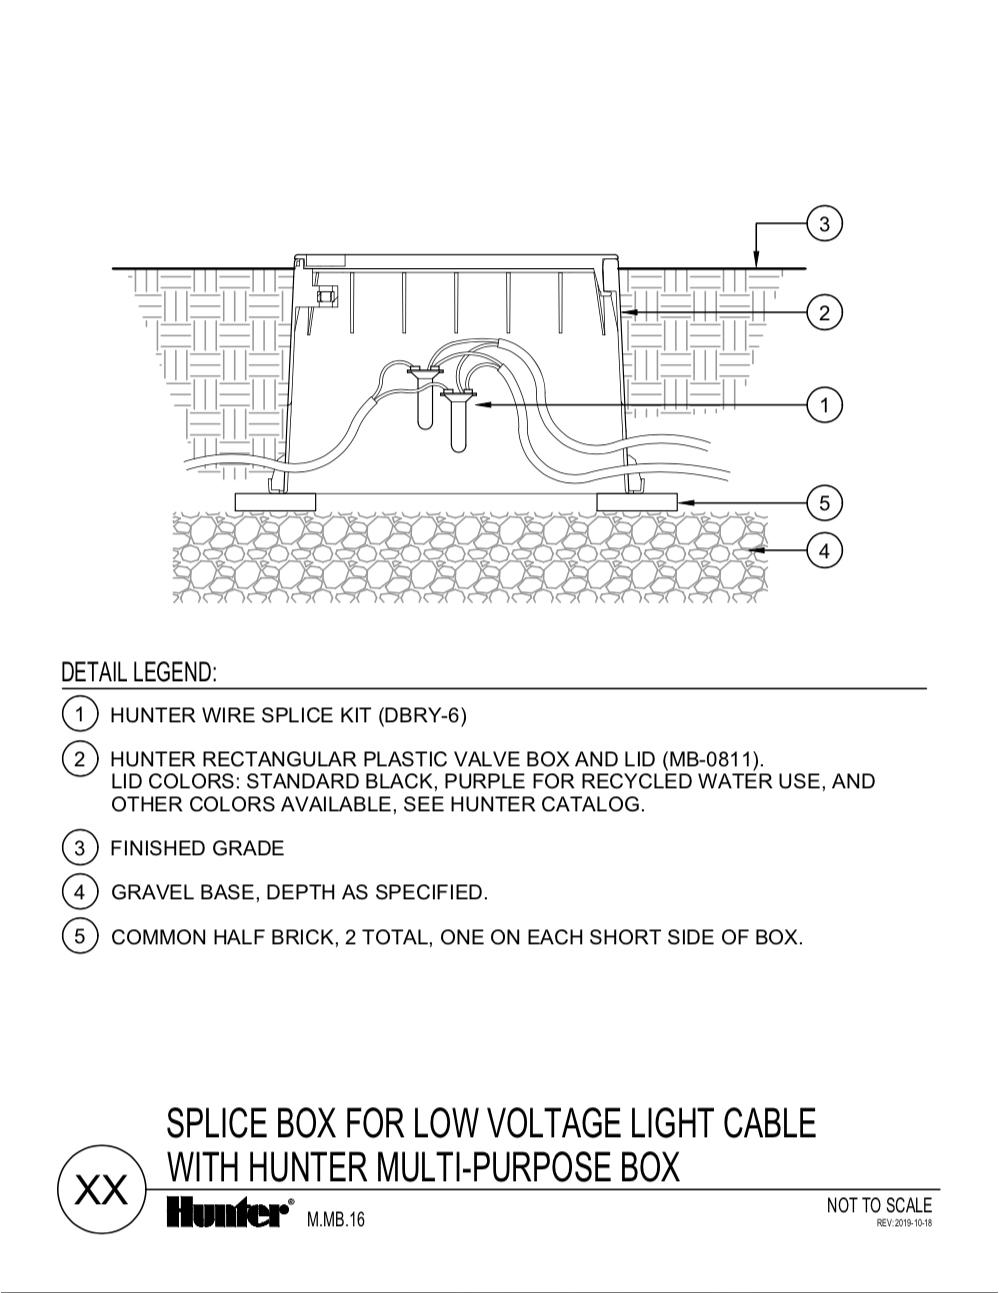 CAD - Splice box for love voltage light cable with hunter multi-purpose box